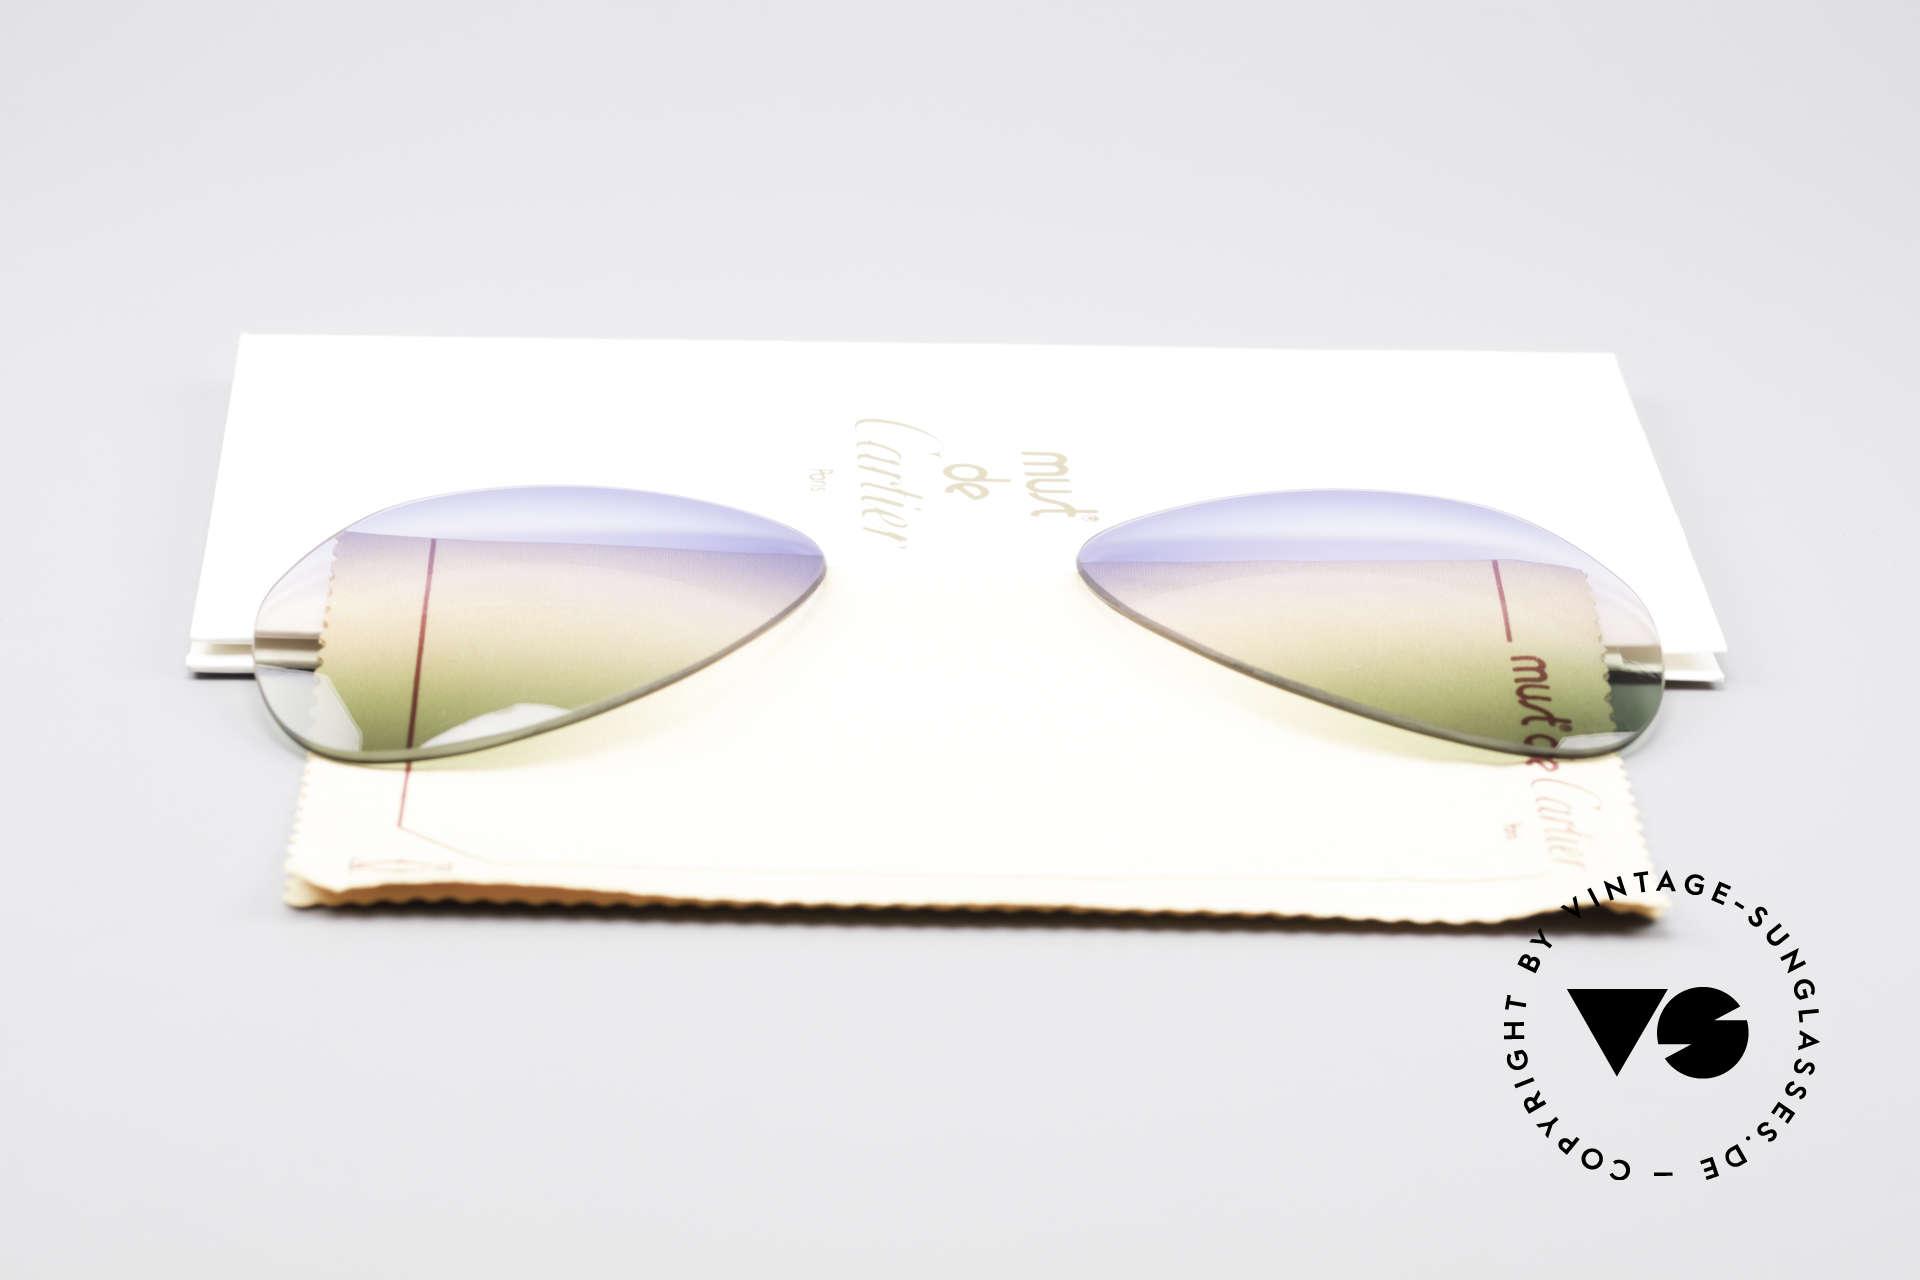 Cartier Vendome Lenses - L Tricolored Horizon Gläser, von unserem Optiker gefertigt: daher neu & kratzerfrei, Passend für Herren und Damen